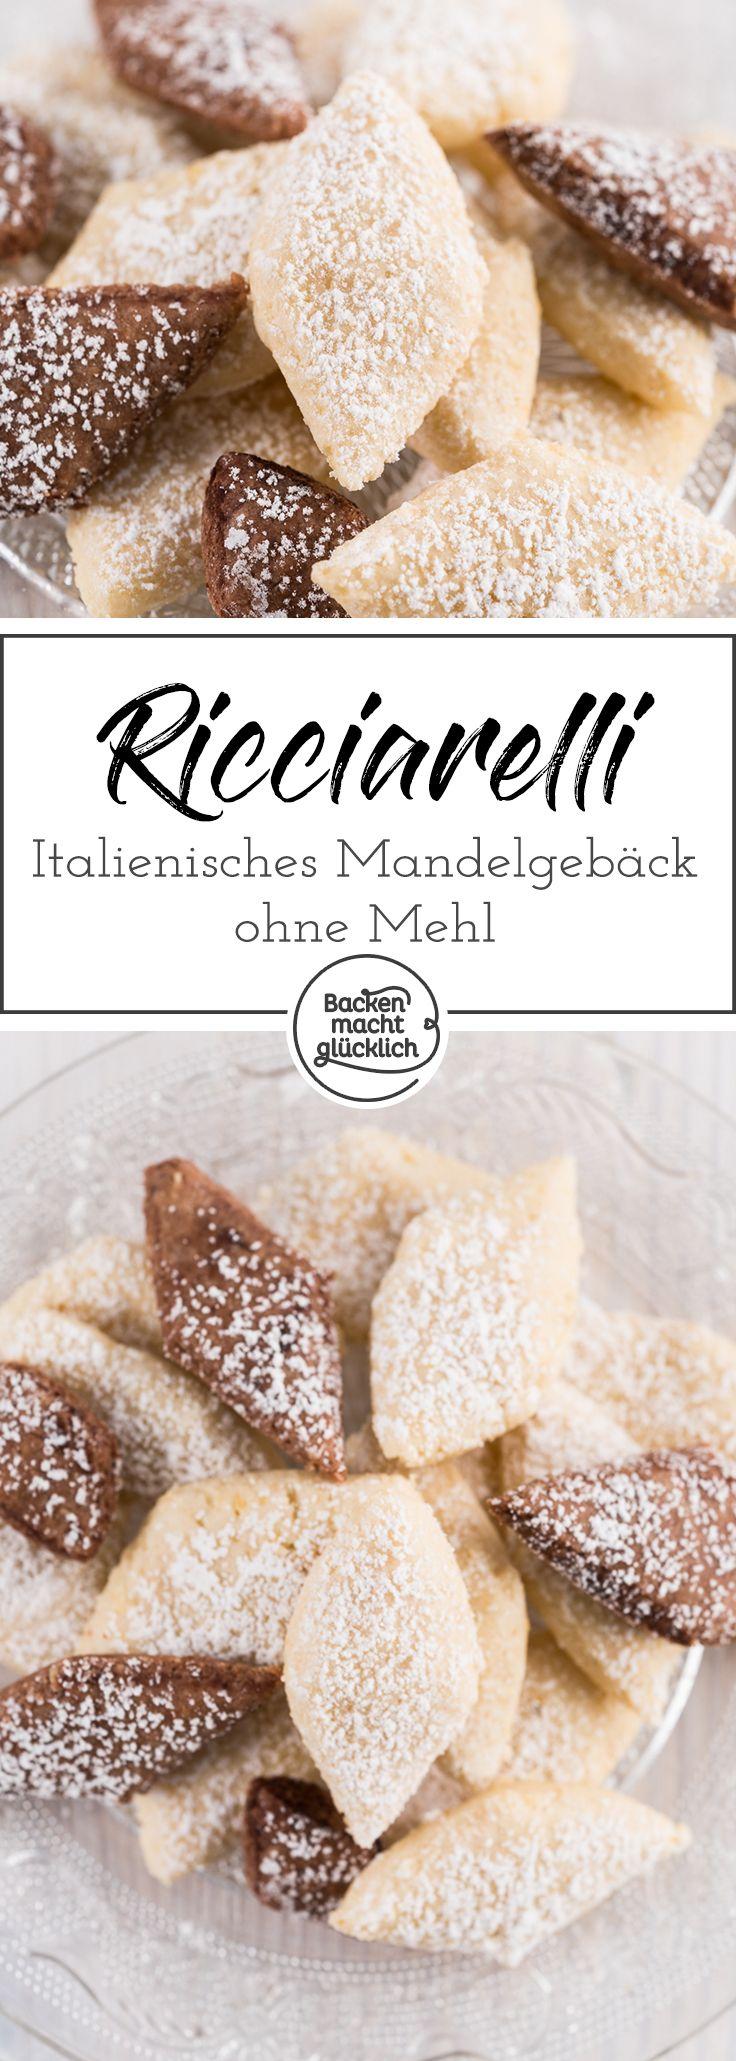 Ricciarelli di Siena sind köstliche zarte Mandelkekse mit weichem Kern. Das weiche italienische Mandelgebäck ohne Mehl gehört seit Jahren zu unseren absoluten Lieblingssüßigkeiten.